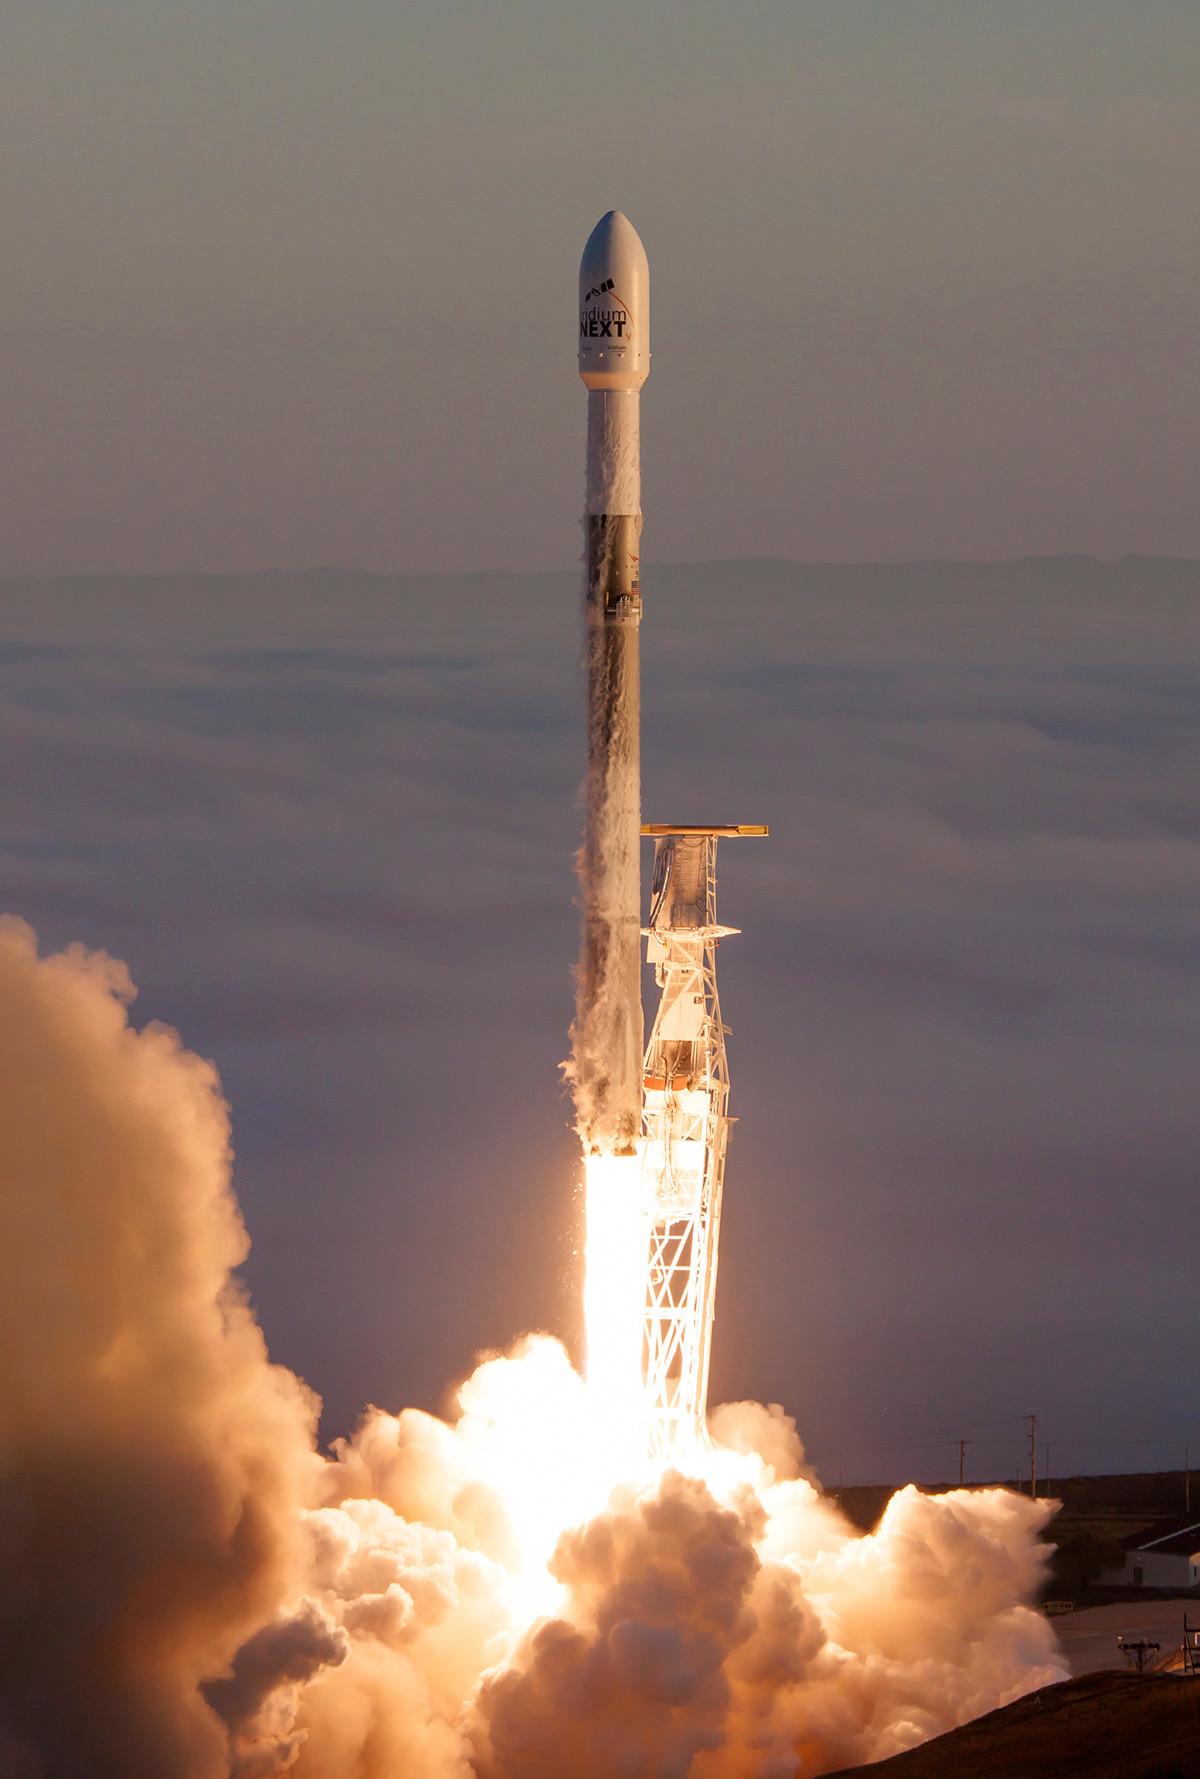 Ameriška raketa Falcon 9 z desetimi komunikacijskimi sateliti tipa Iridium NEXT med izstrelitvijo s kozmodroma Vandenberg v Kaliforniji